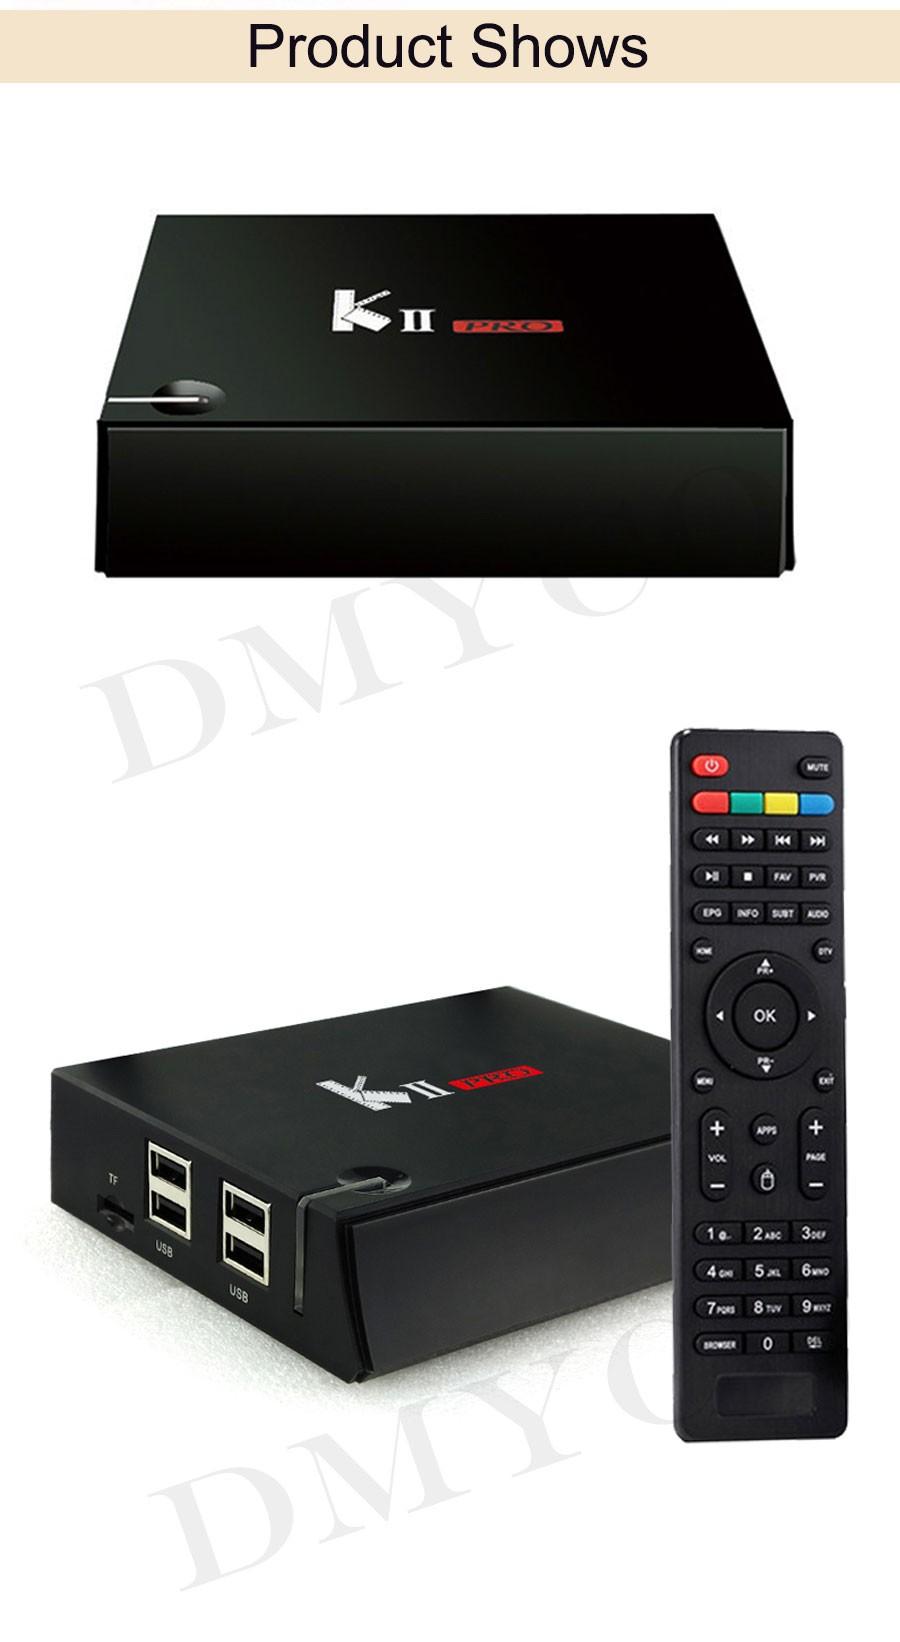 ถูก KII Pro DVB-T2 + DVB-S2 Android 5.1ทีวีกล่อง2กิกะไบต์/16กิกะไบต์Amlogic S905 Quad-core Kdoi 17.0 4พัน* 2พัน2.4กรัมและ5กรัมคู่อินเตอร์เน็ตไร้สายบลูทูธKIIpro